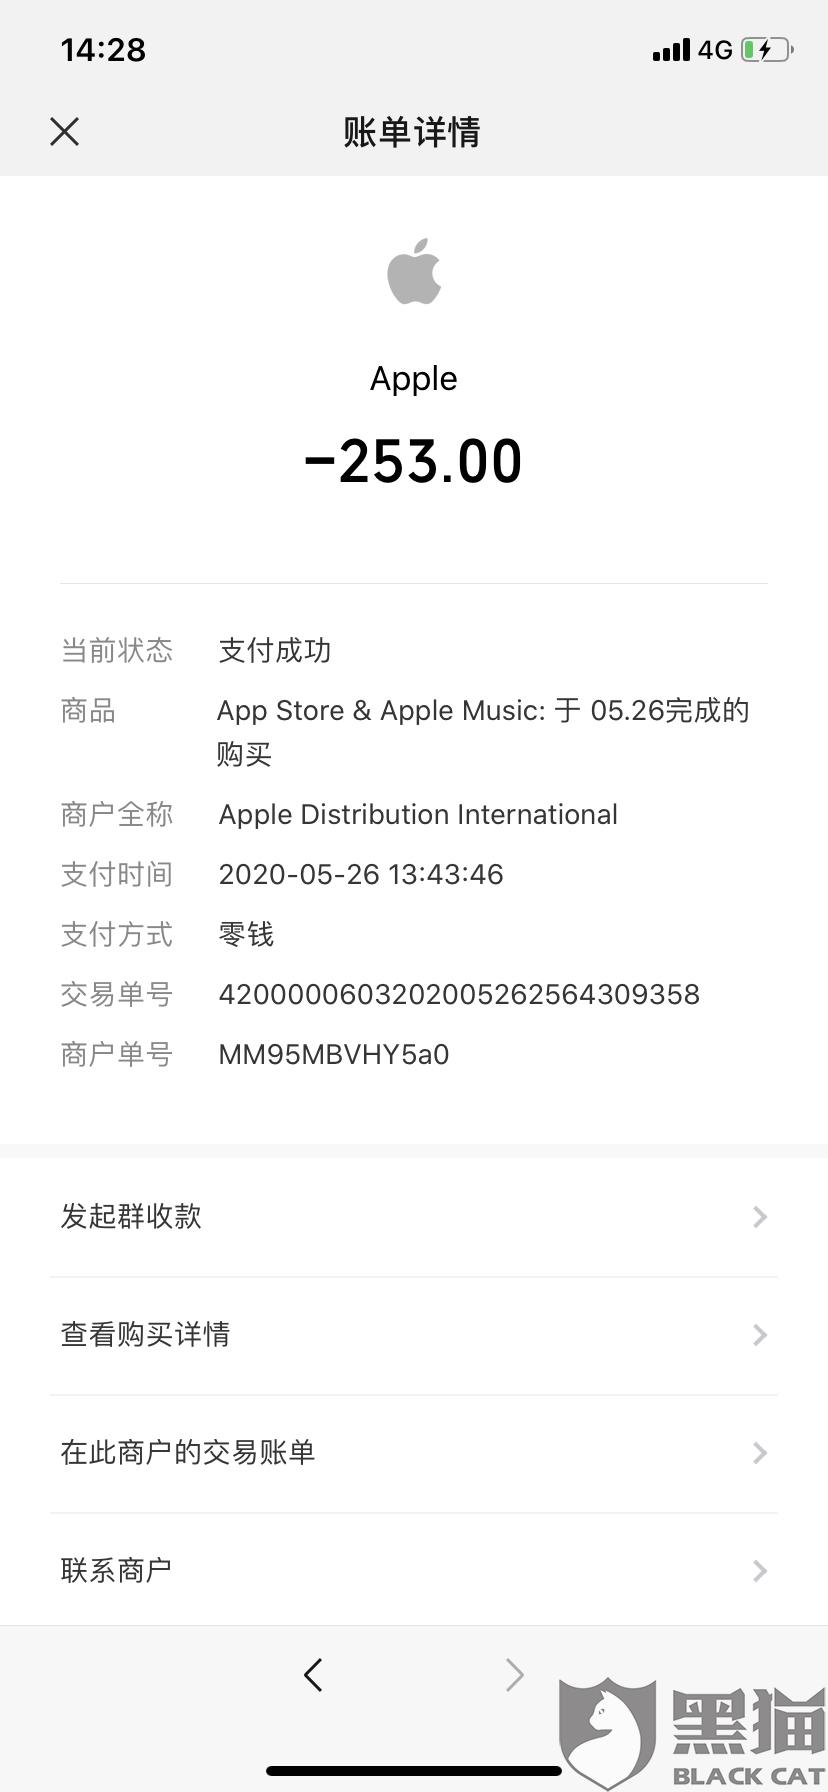 黑猫投诉:Apple Distribution International